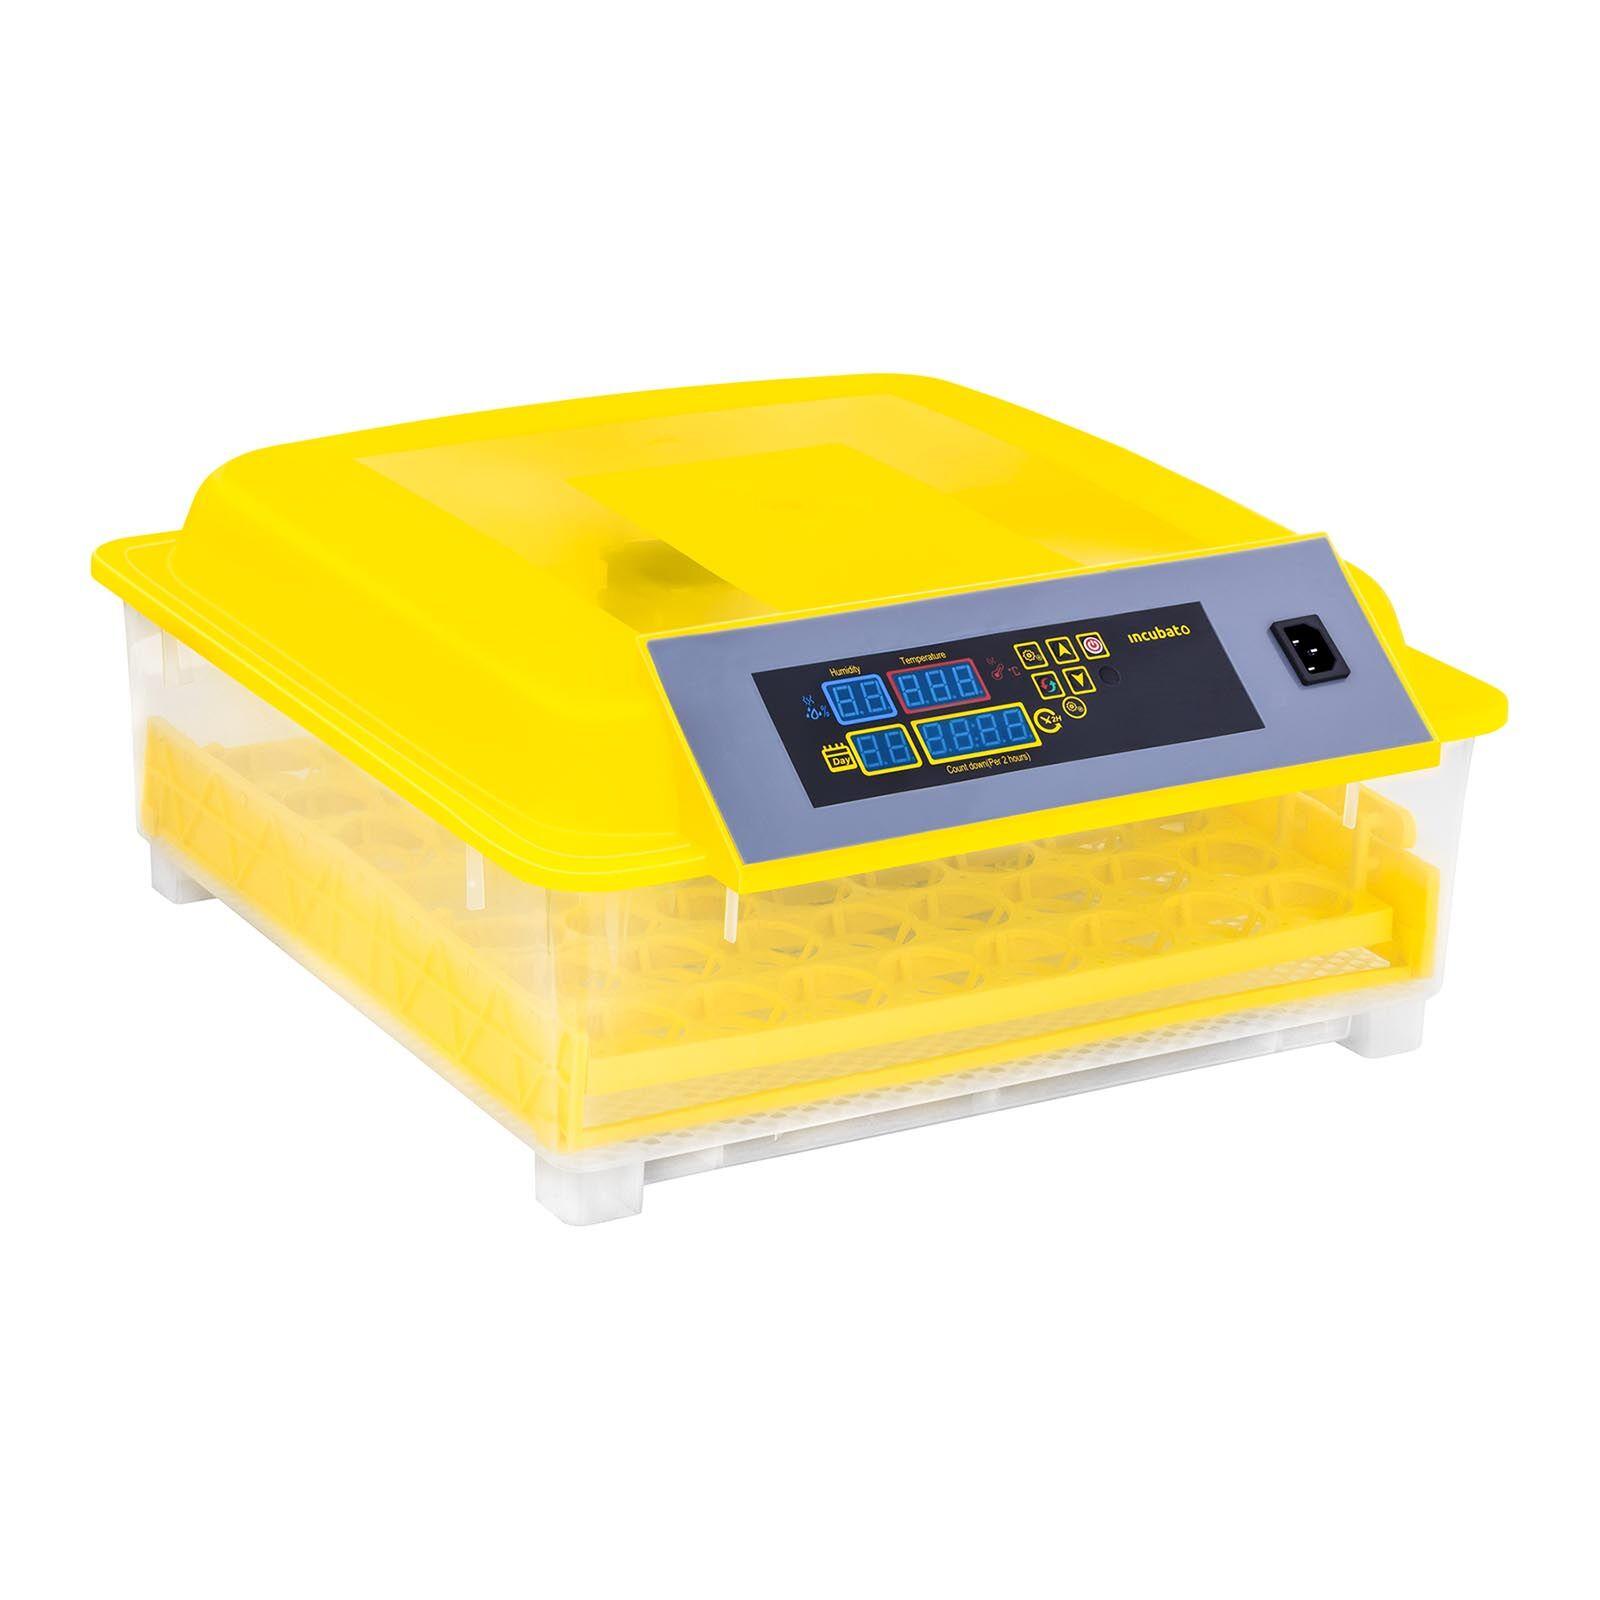 incubato Incubatrice per uova professionale - 48 uova - lampada sperauova e distributore d'acqua inclusi - completamente automatica IN-48DDI